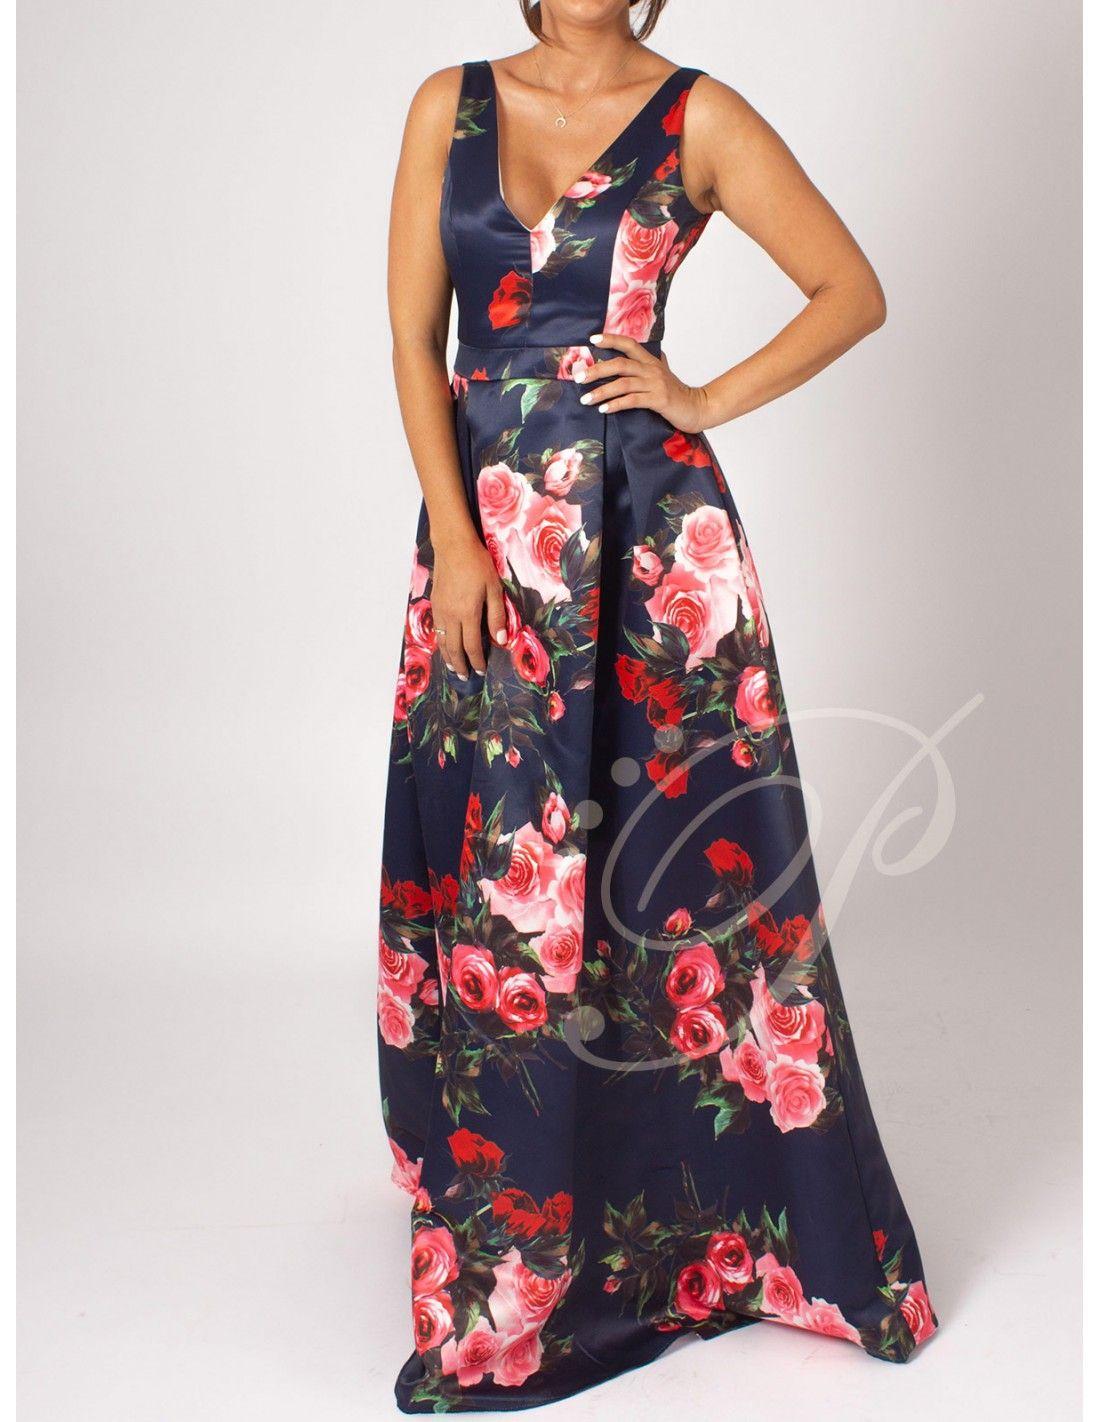 7c77ed64b Vestido Usune - Vestido largo de raso en color azul marino con estampado de  flores.